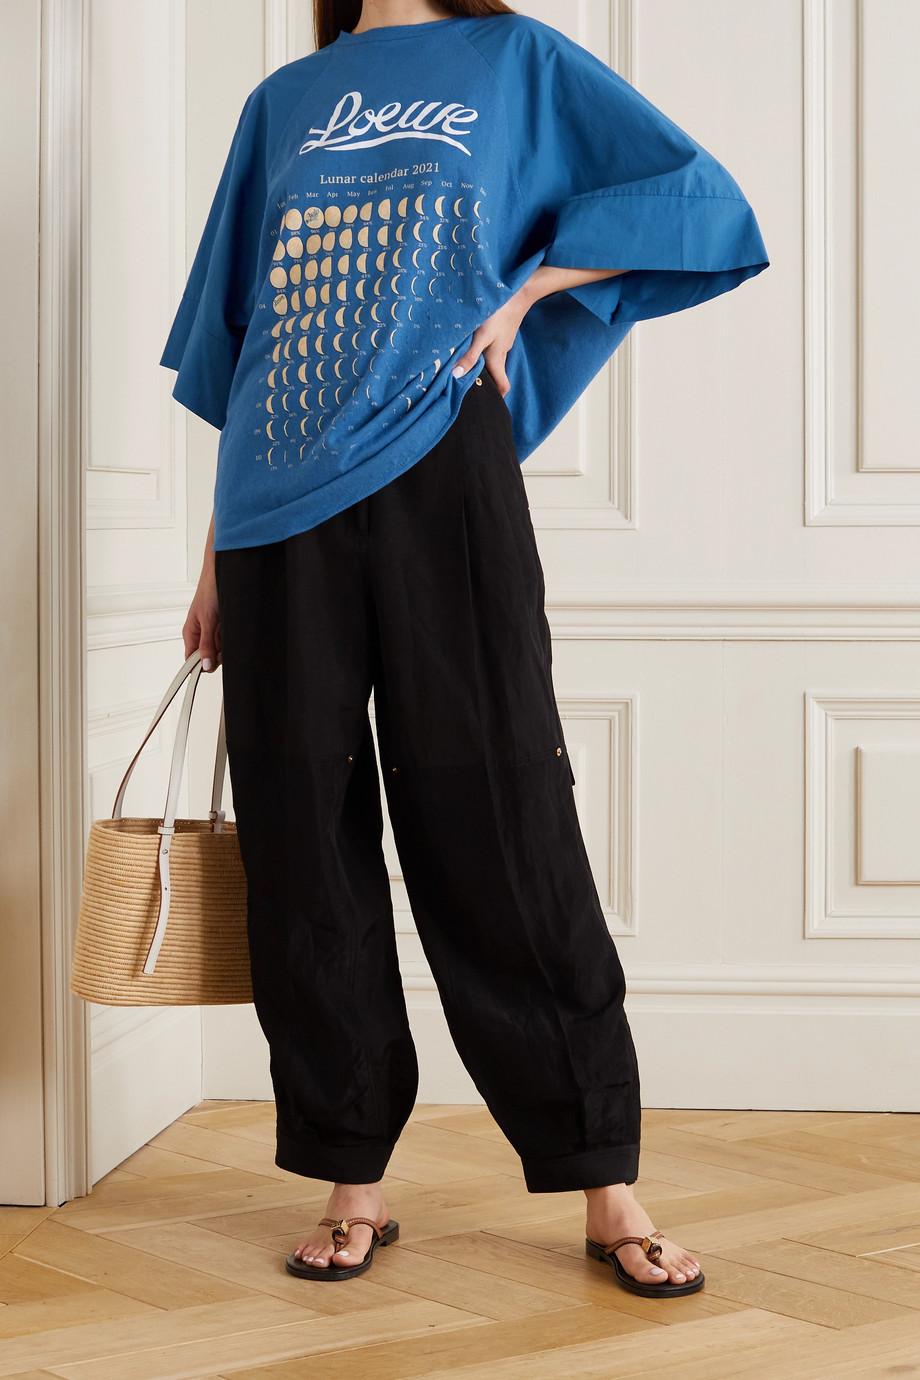 Loewe + Paula's Ibiza Oversized-T-Shirt aus Jersey aus einer Baumwoll-Hanfmischung mit Print